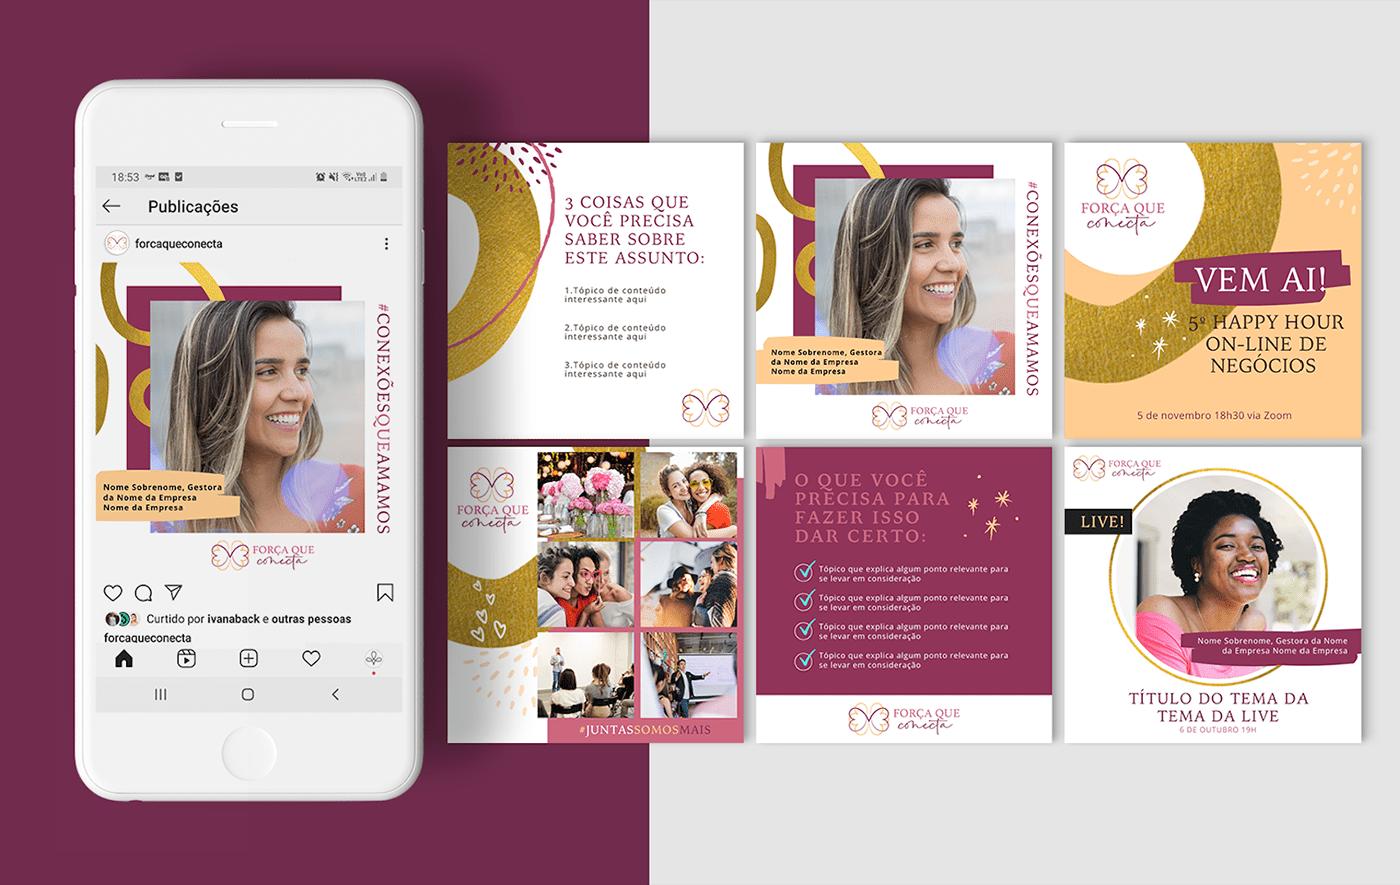 Design de Marca empreendedorismo empreendedorismo feminino identidade de marca identidade visual logo Logotipo marca